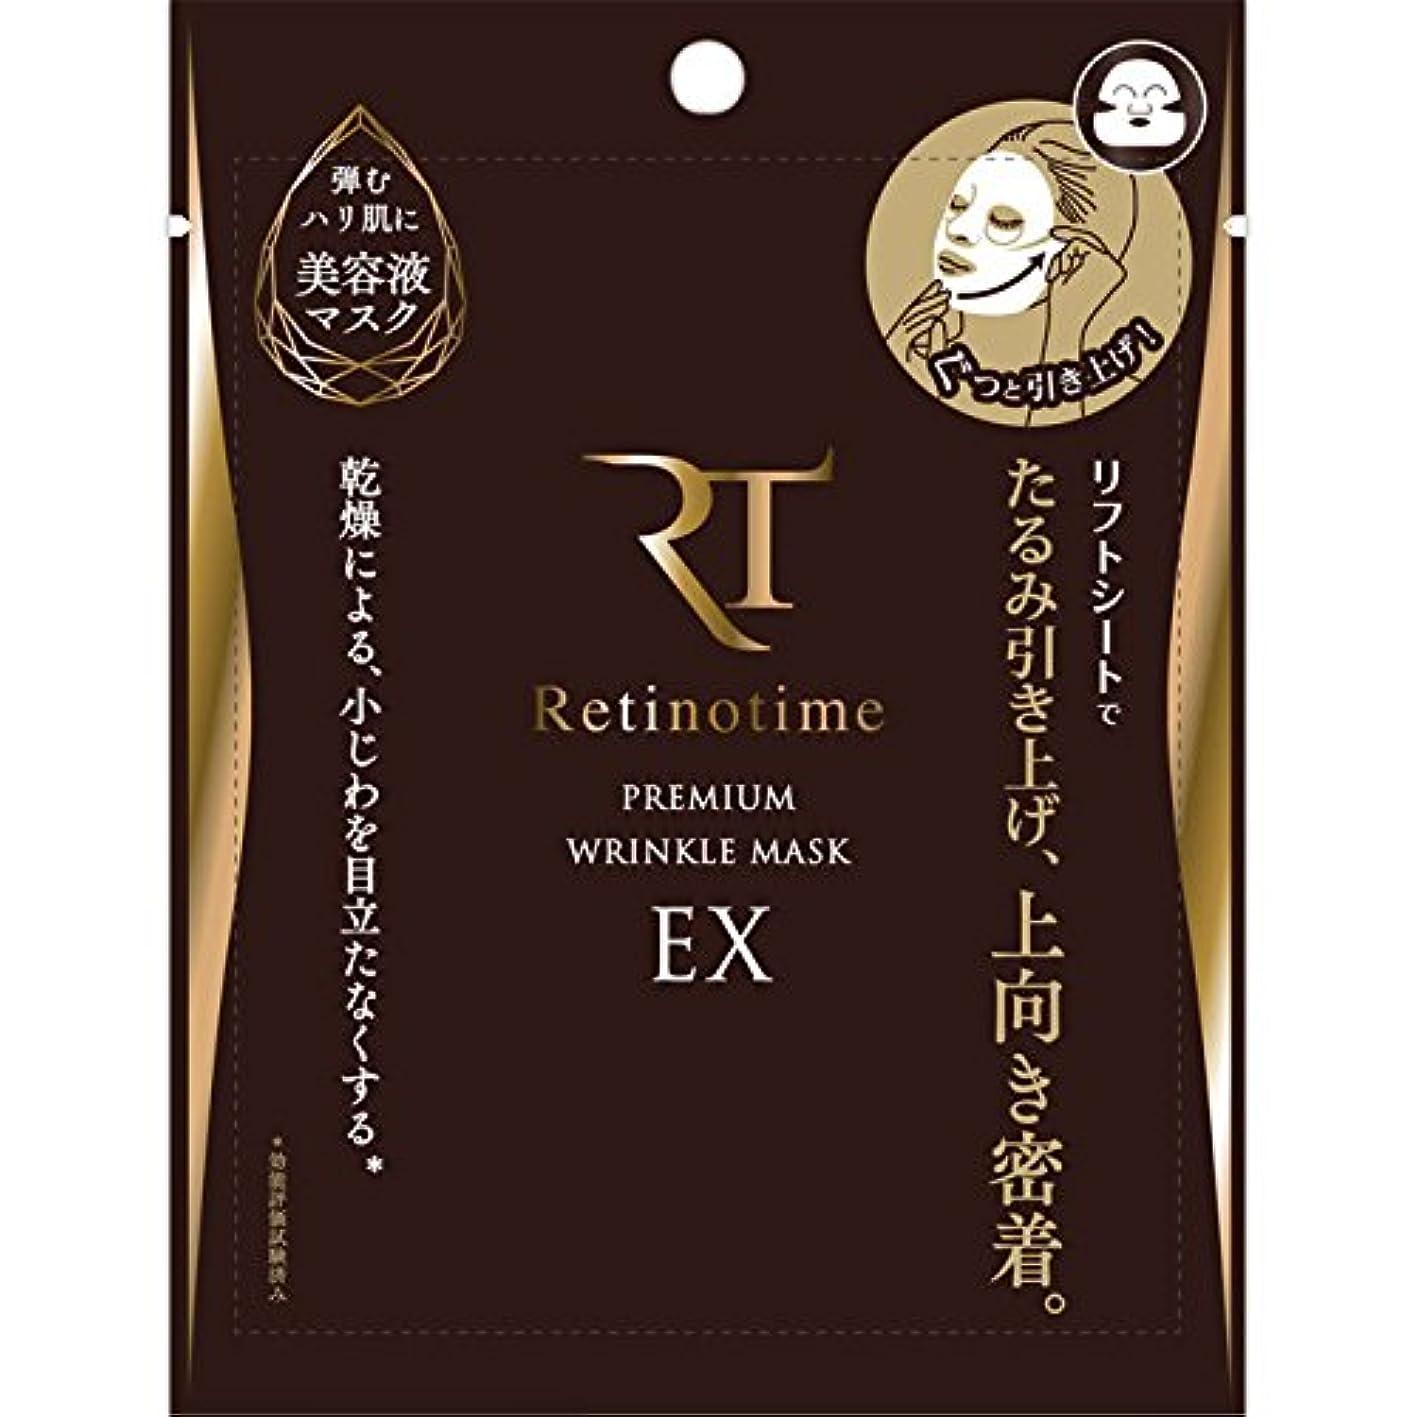 臨検破滅突進レチノタイム プレミアムリンクルマスク EX 1枚【26ml】